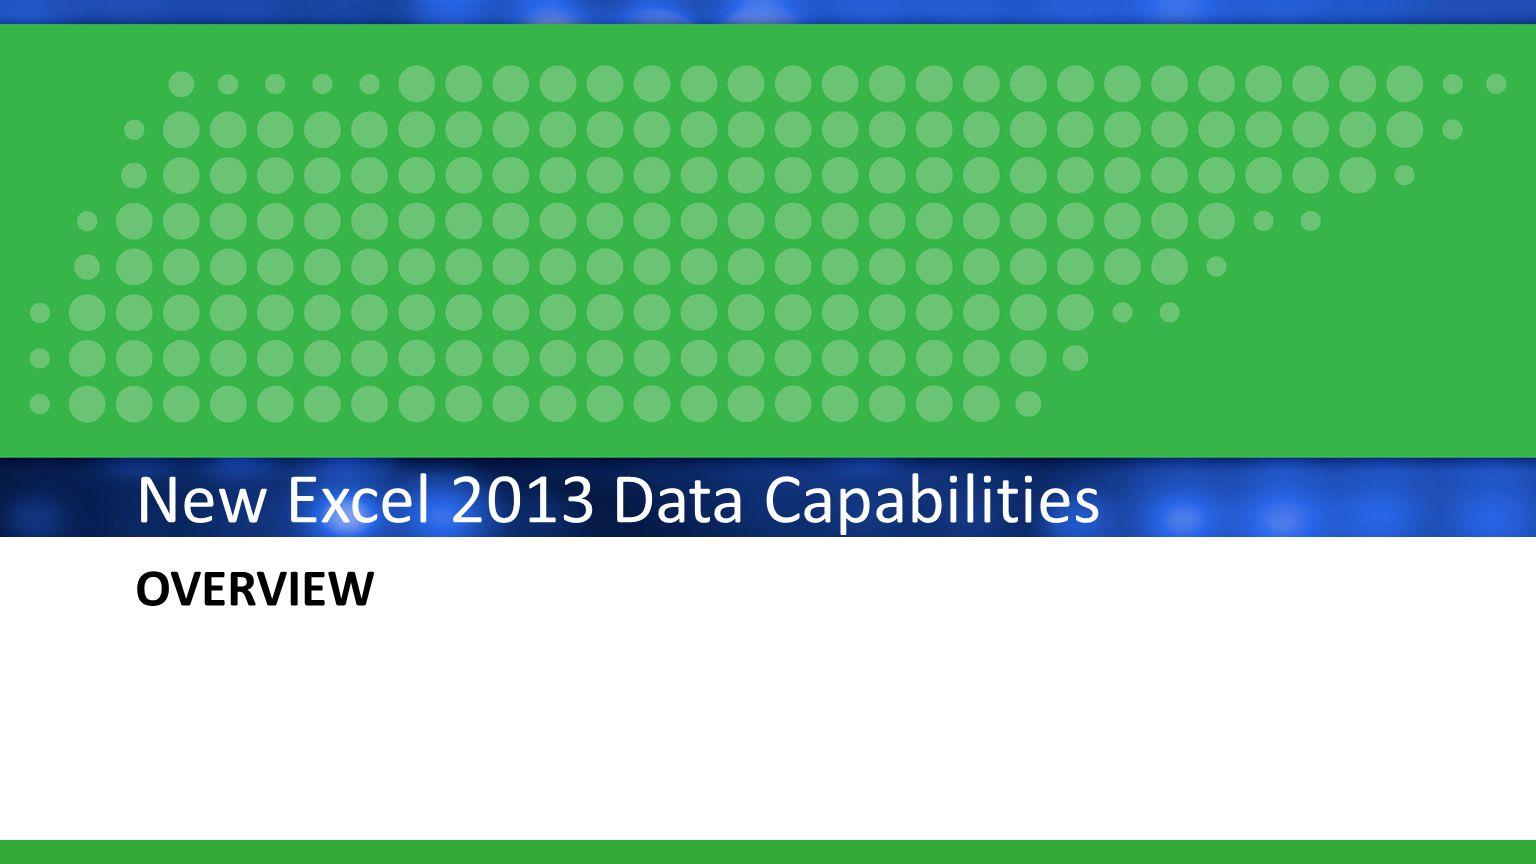 Data obtainmanageanalyzevisualize